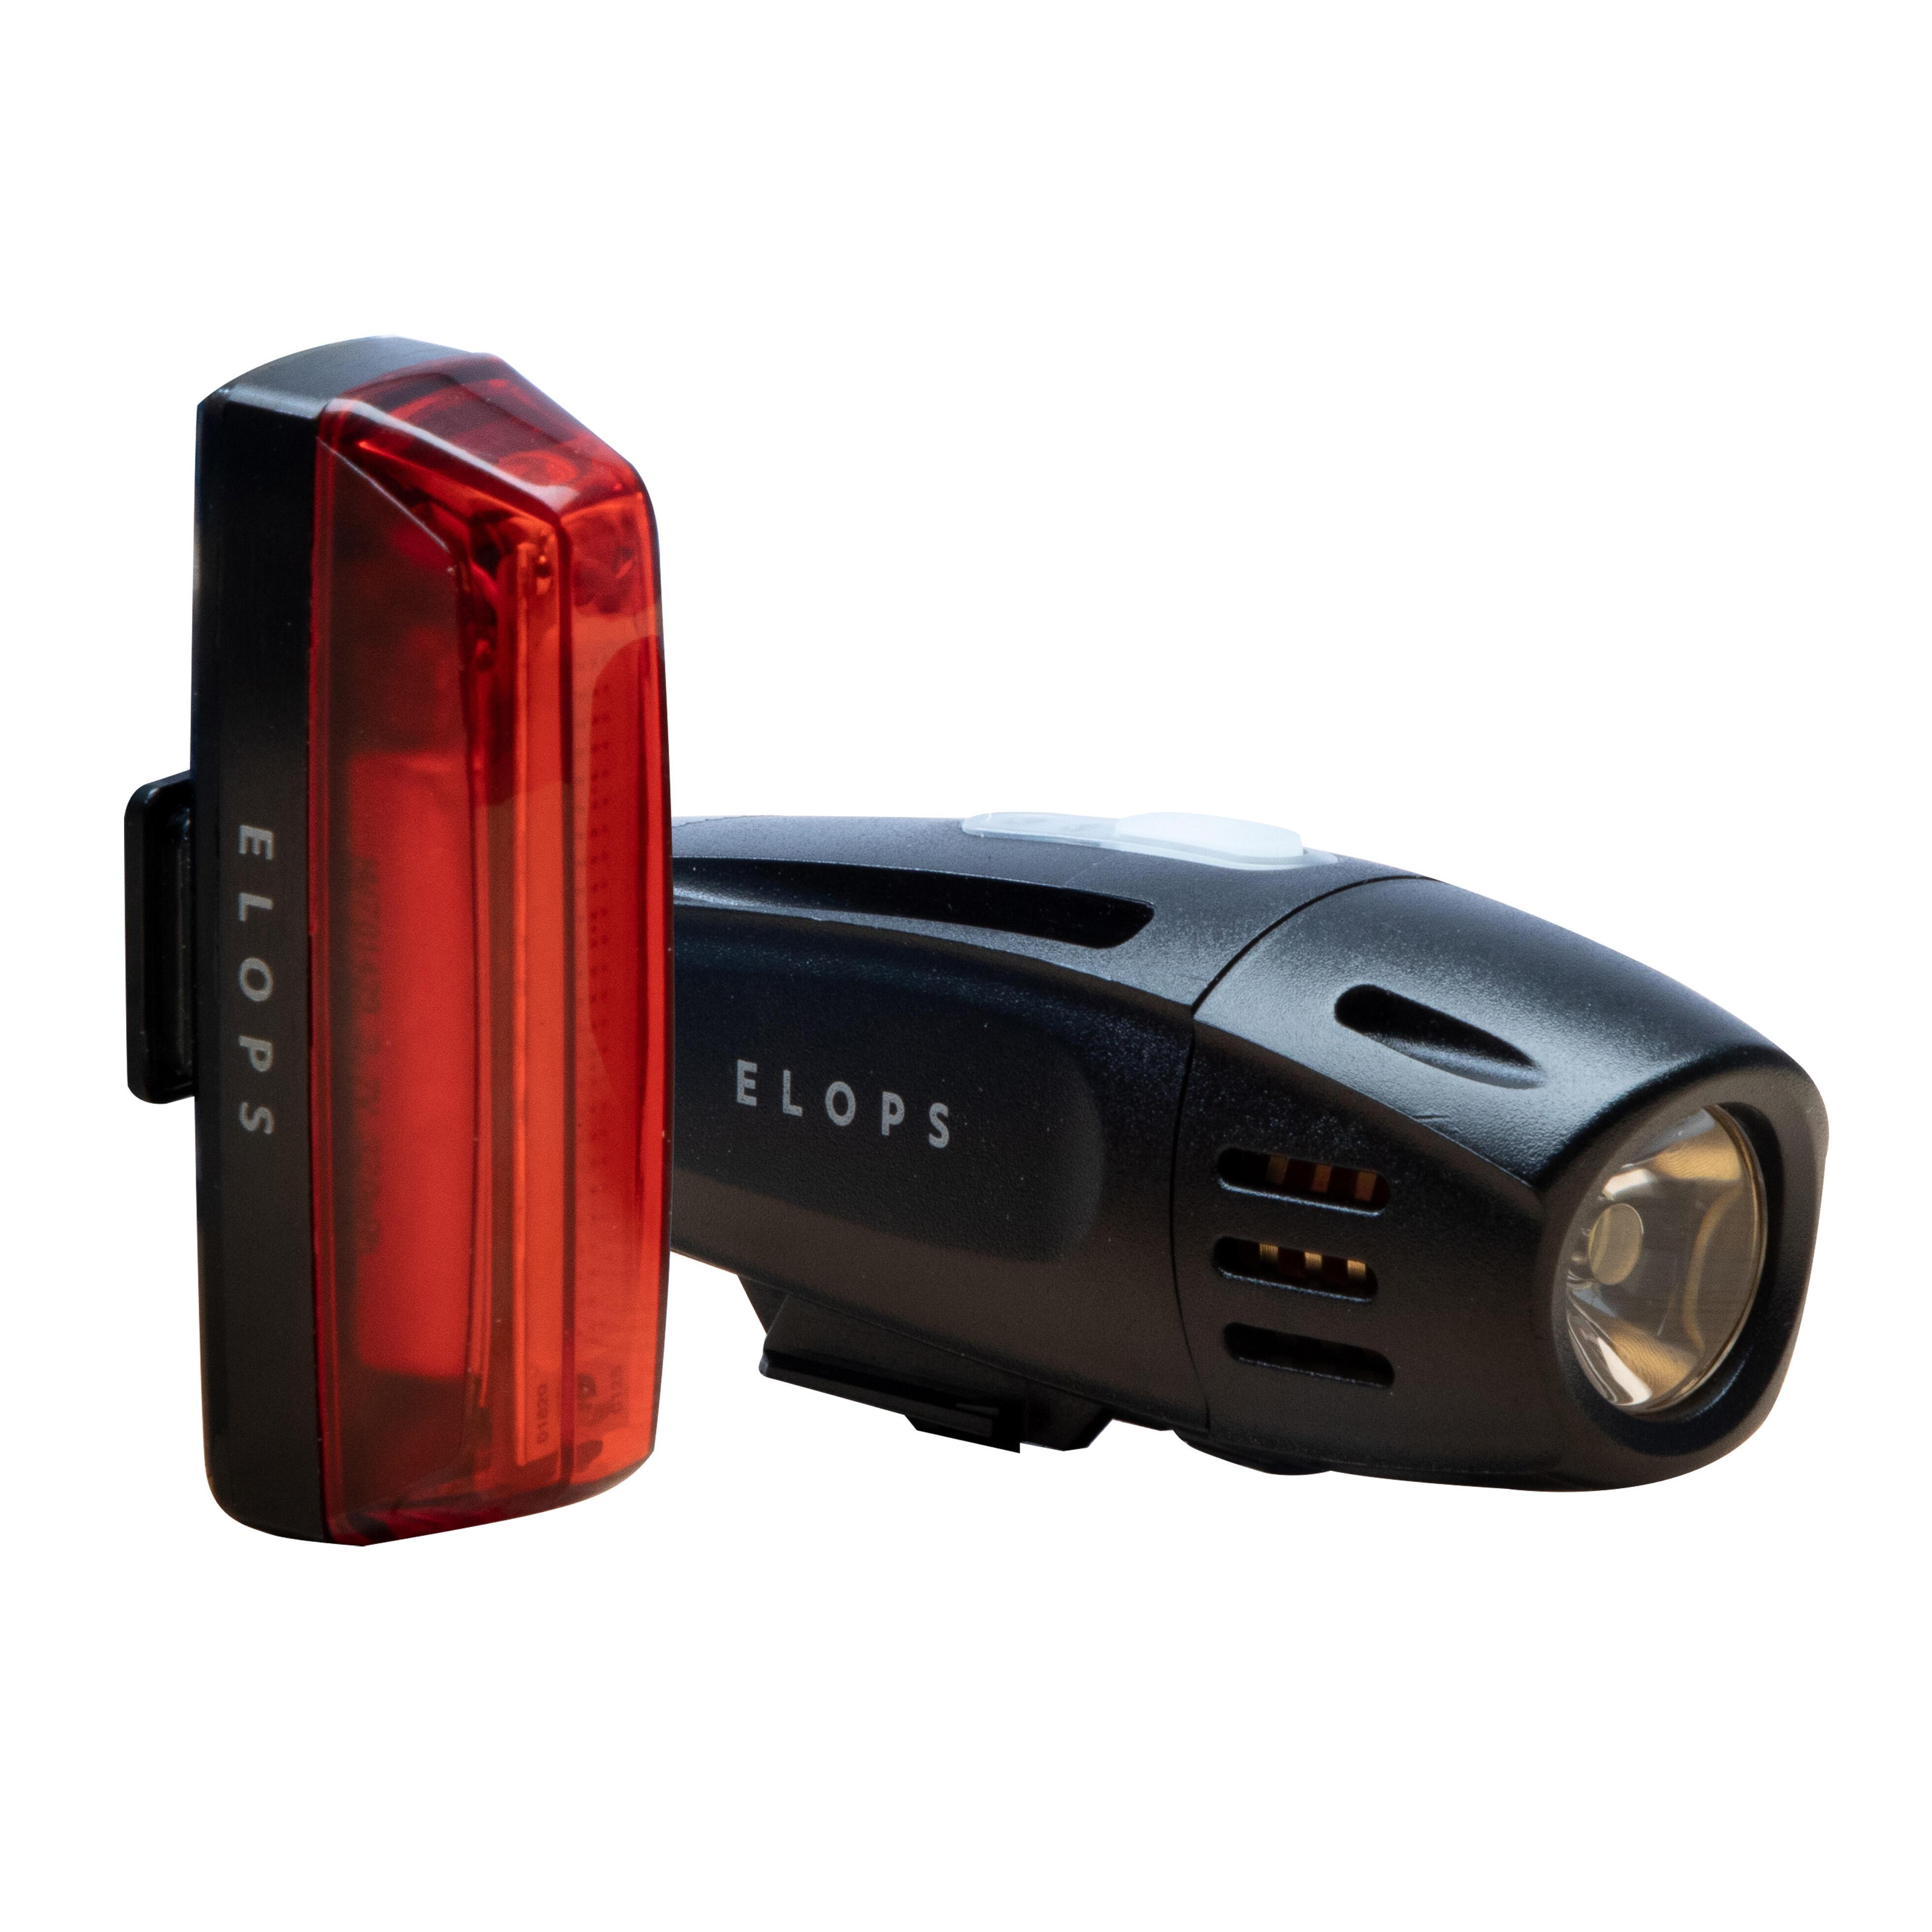 Kit lumini ST 920 USB la Reducere poza